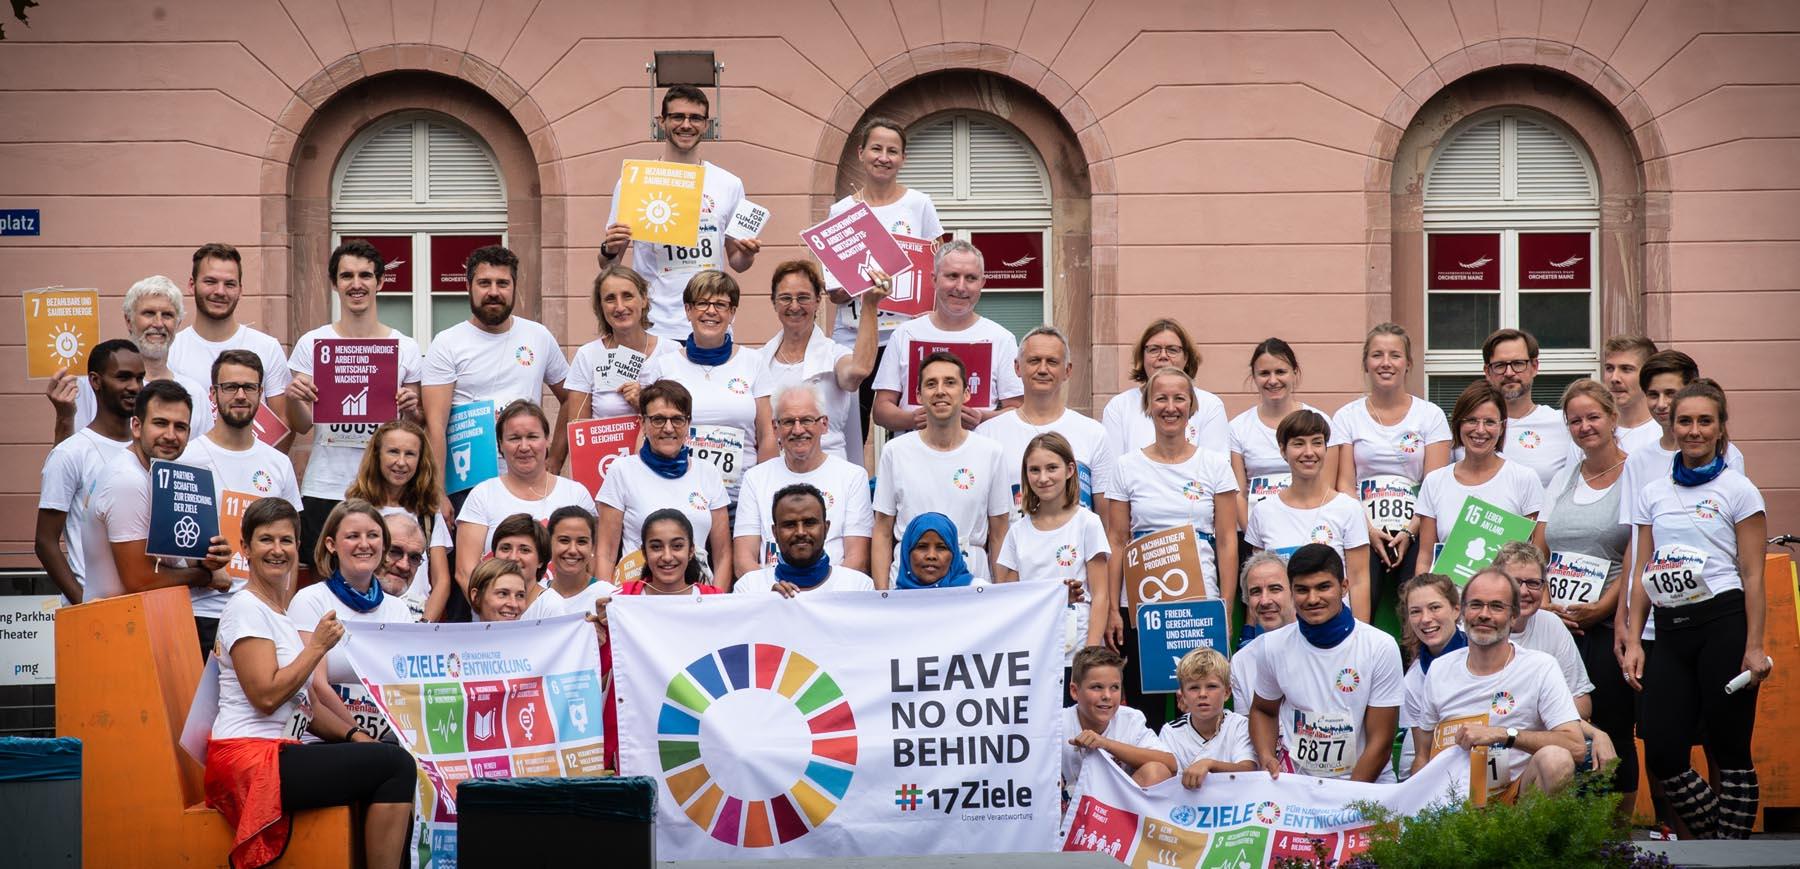 22. August in Mainz:  Laufen für die Nachhaltigkeitsziele der Weltgemeinschaft